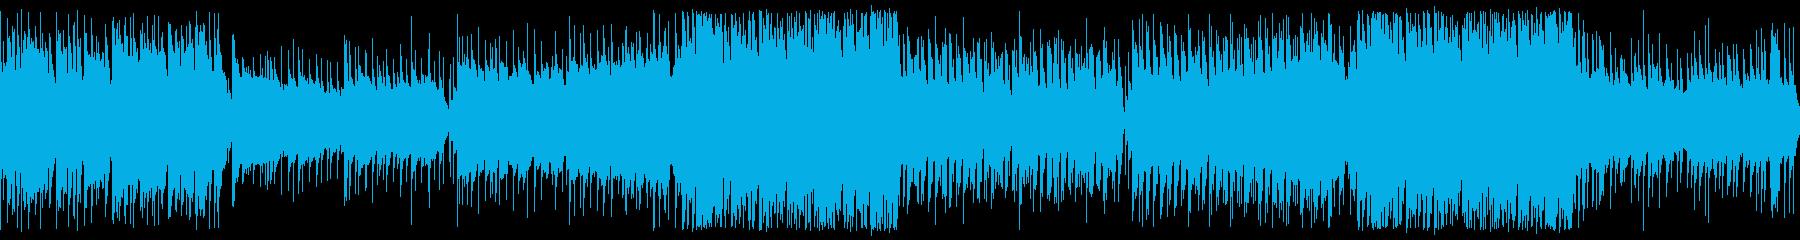 【ループ版】和風EDM・お祭りの…の再生済みの波形